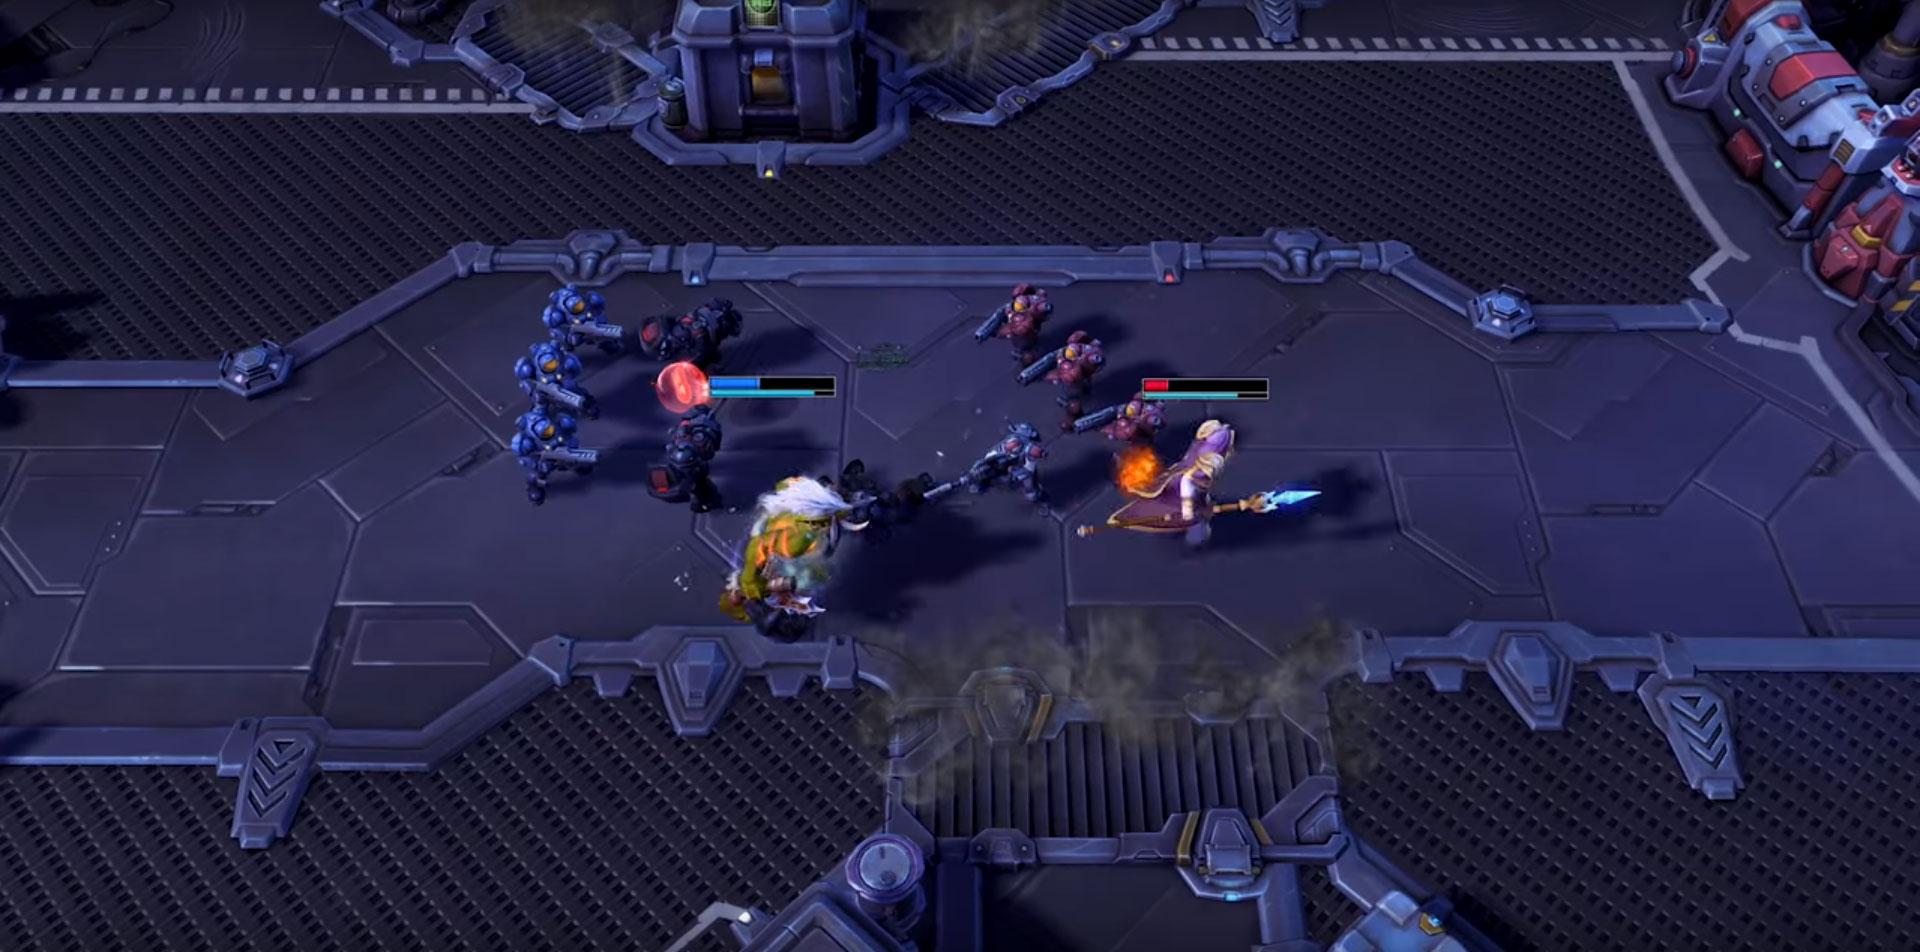 Zul'jin dans Heroes of the Storm.